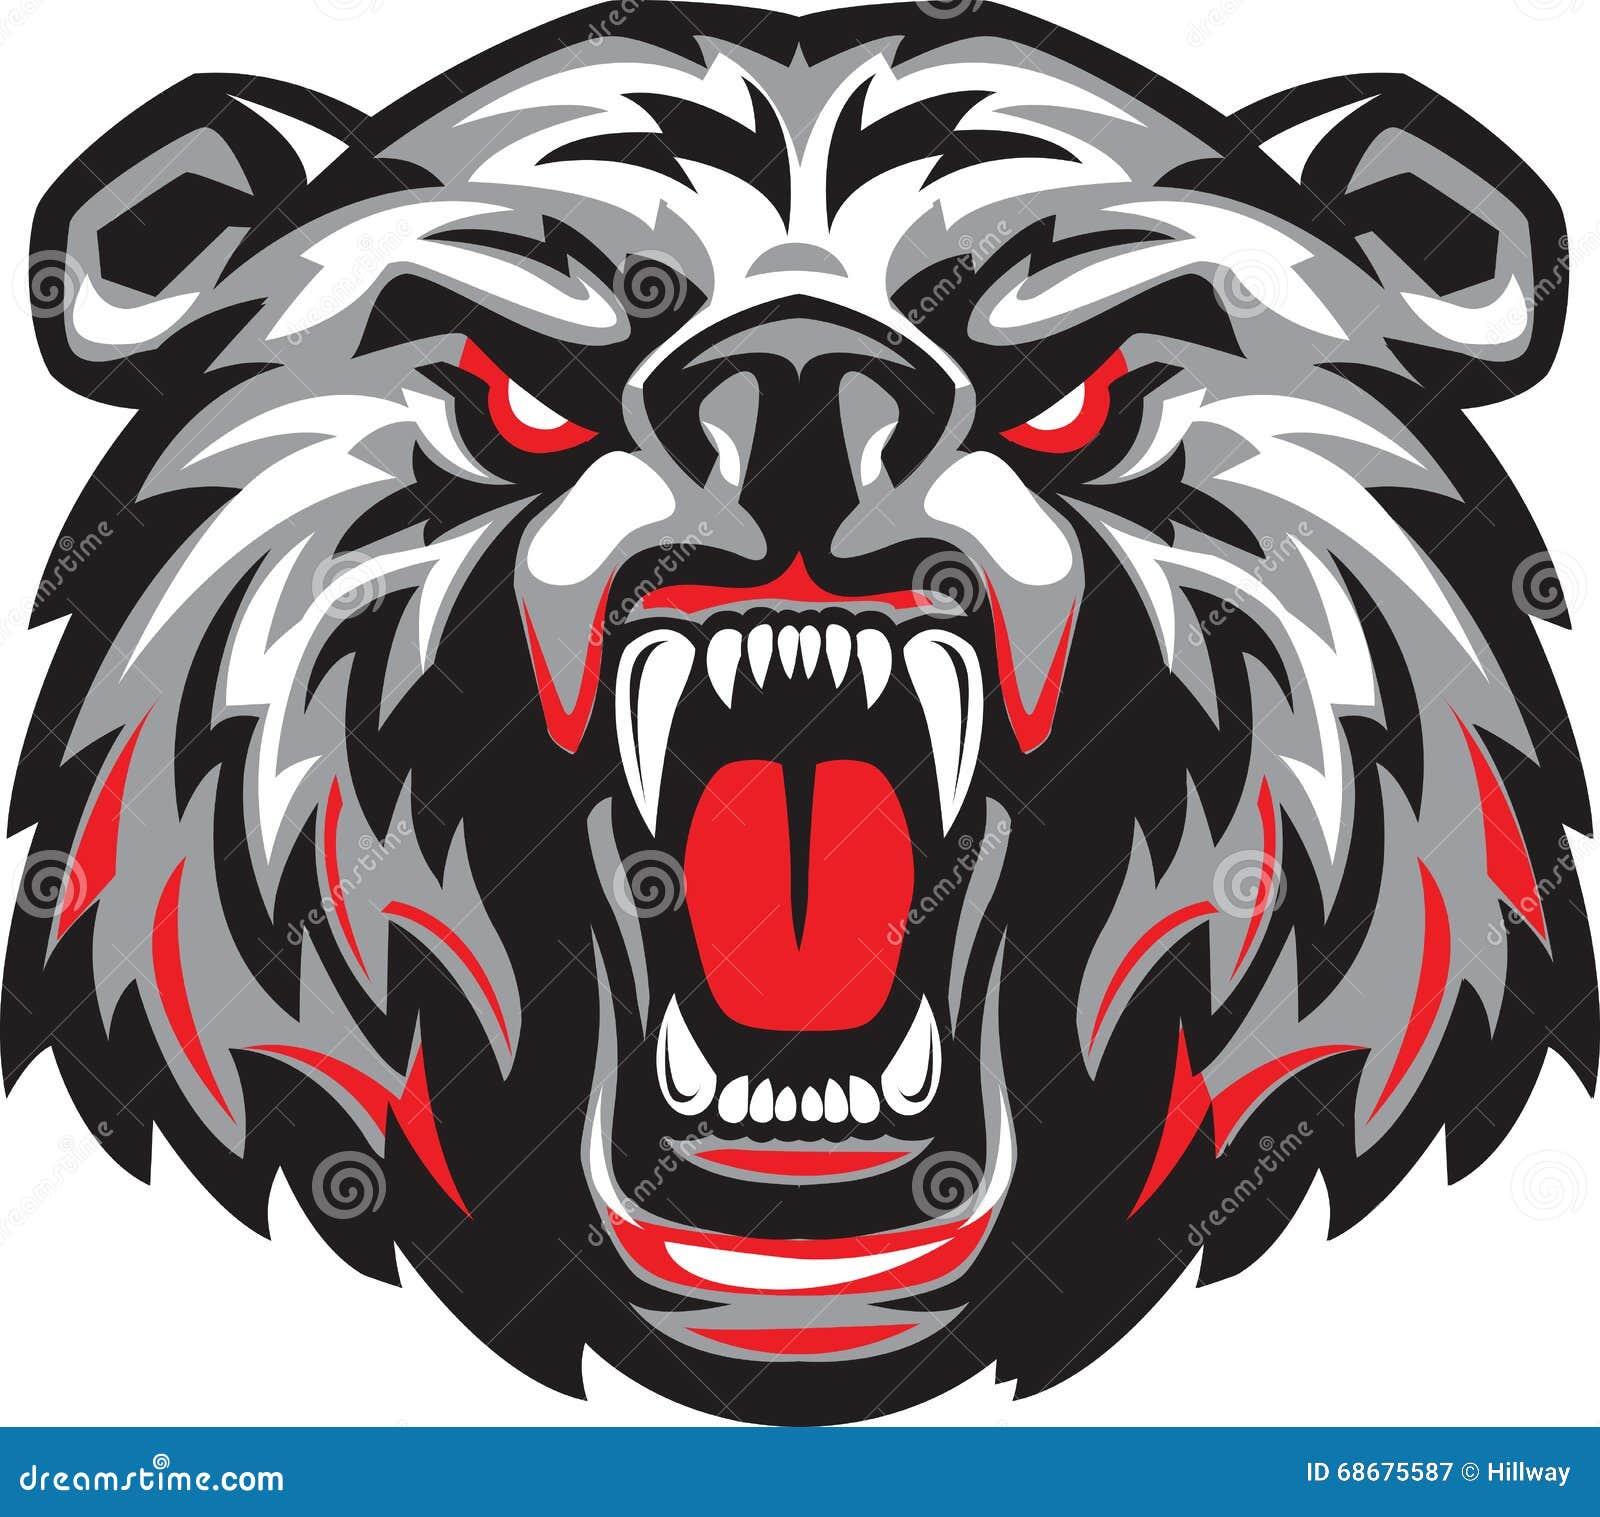 Angry Bear Logo ~ Logo Templates on Creative Market